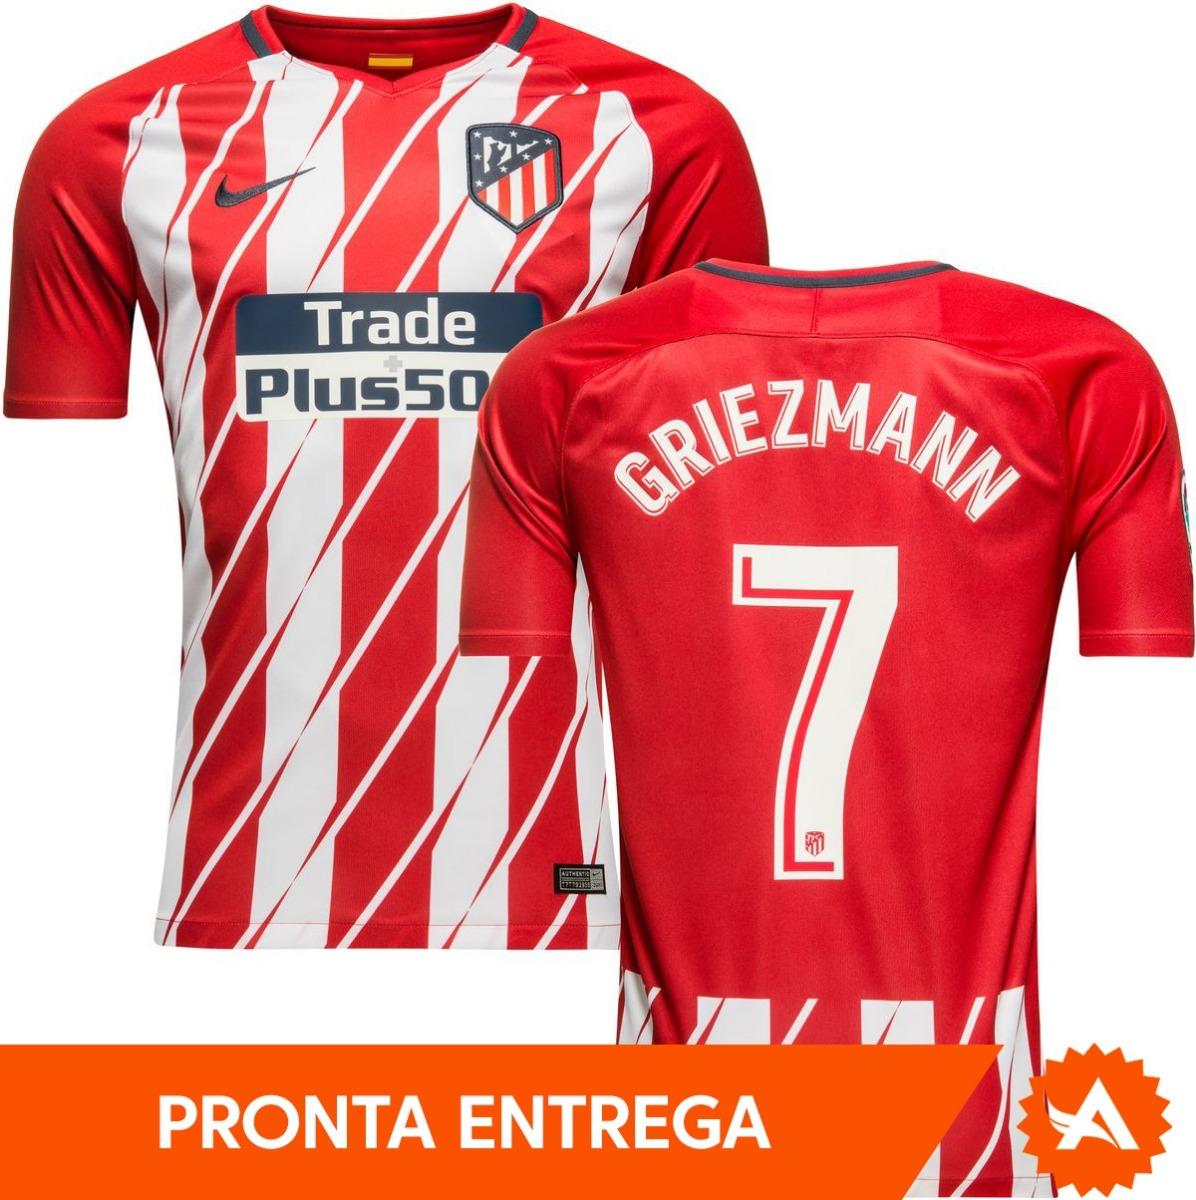 2752e05b19 camisa nike atlético de madrid home 2017 2018 nº7 griezmann. Carregando  zoom.